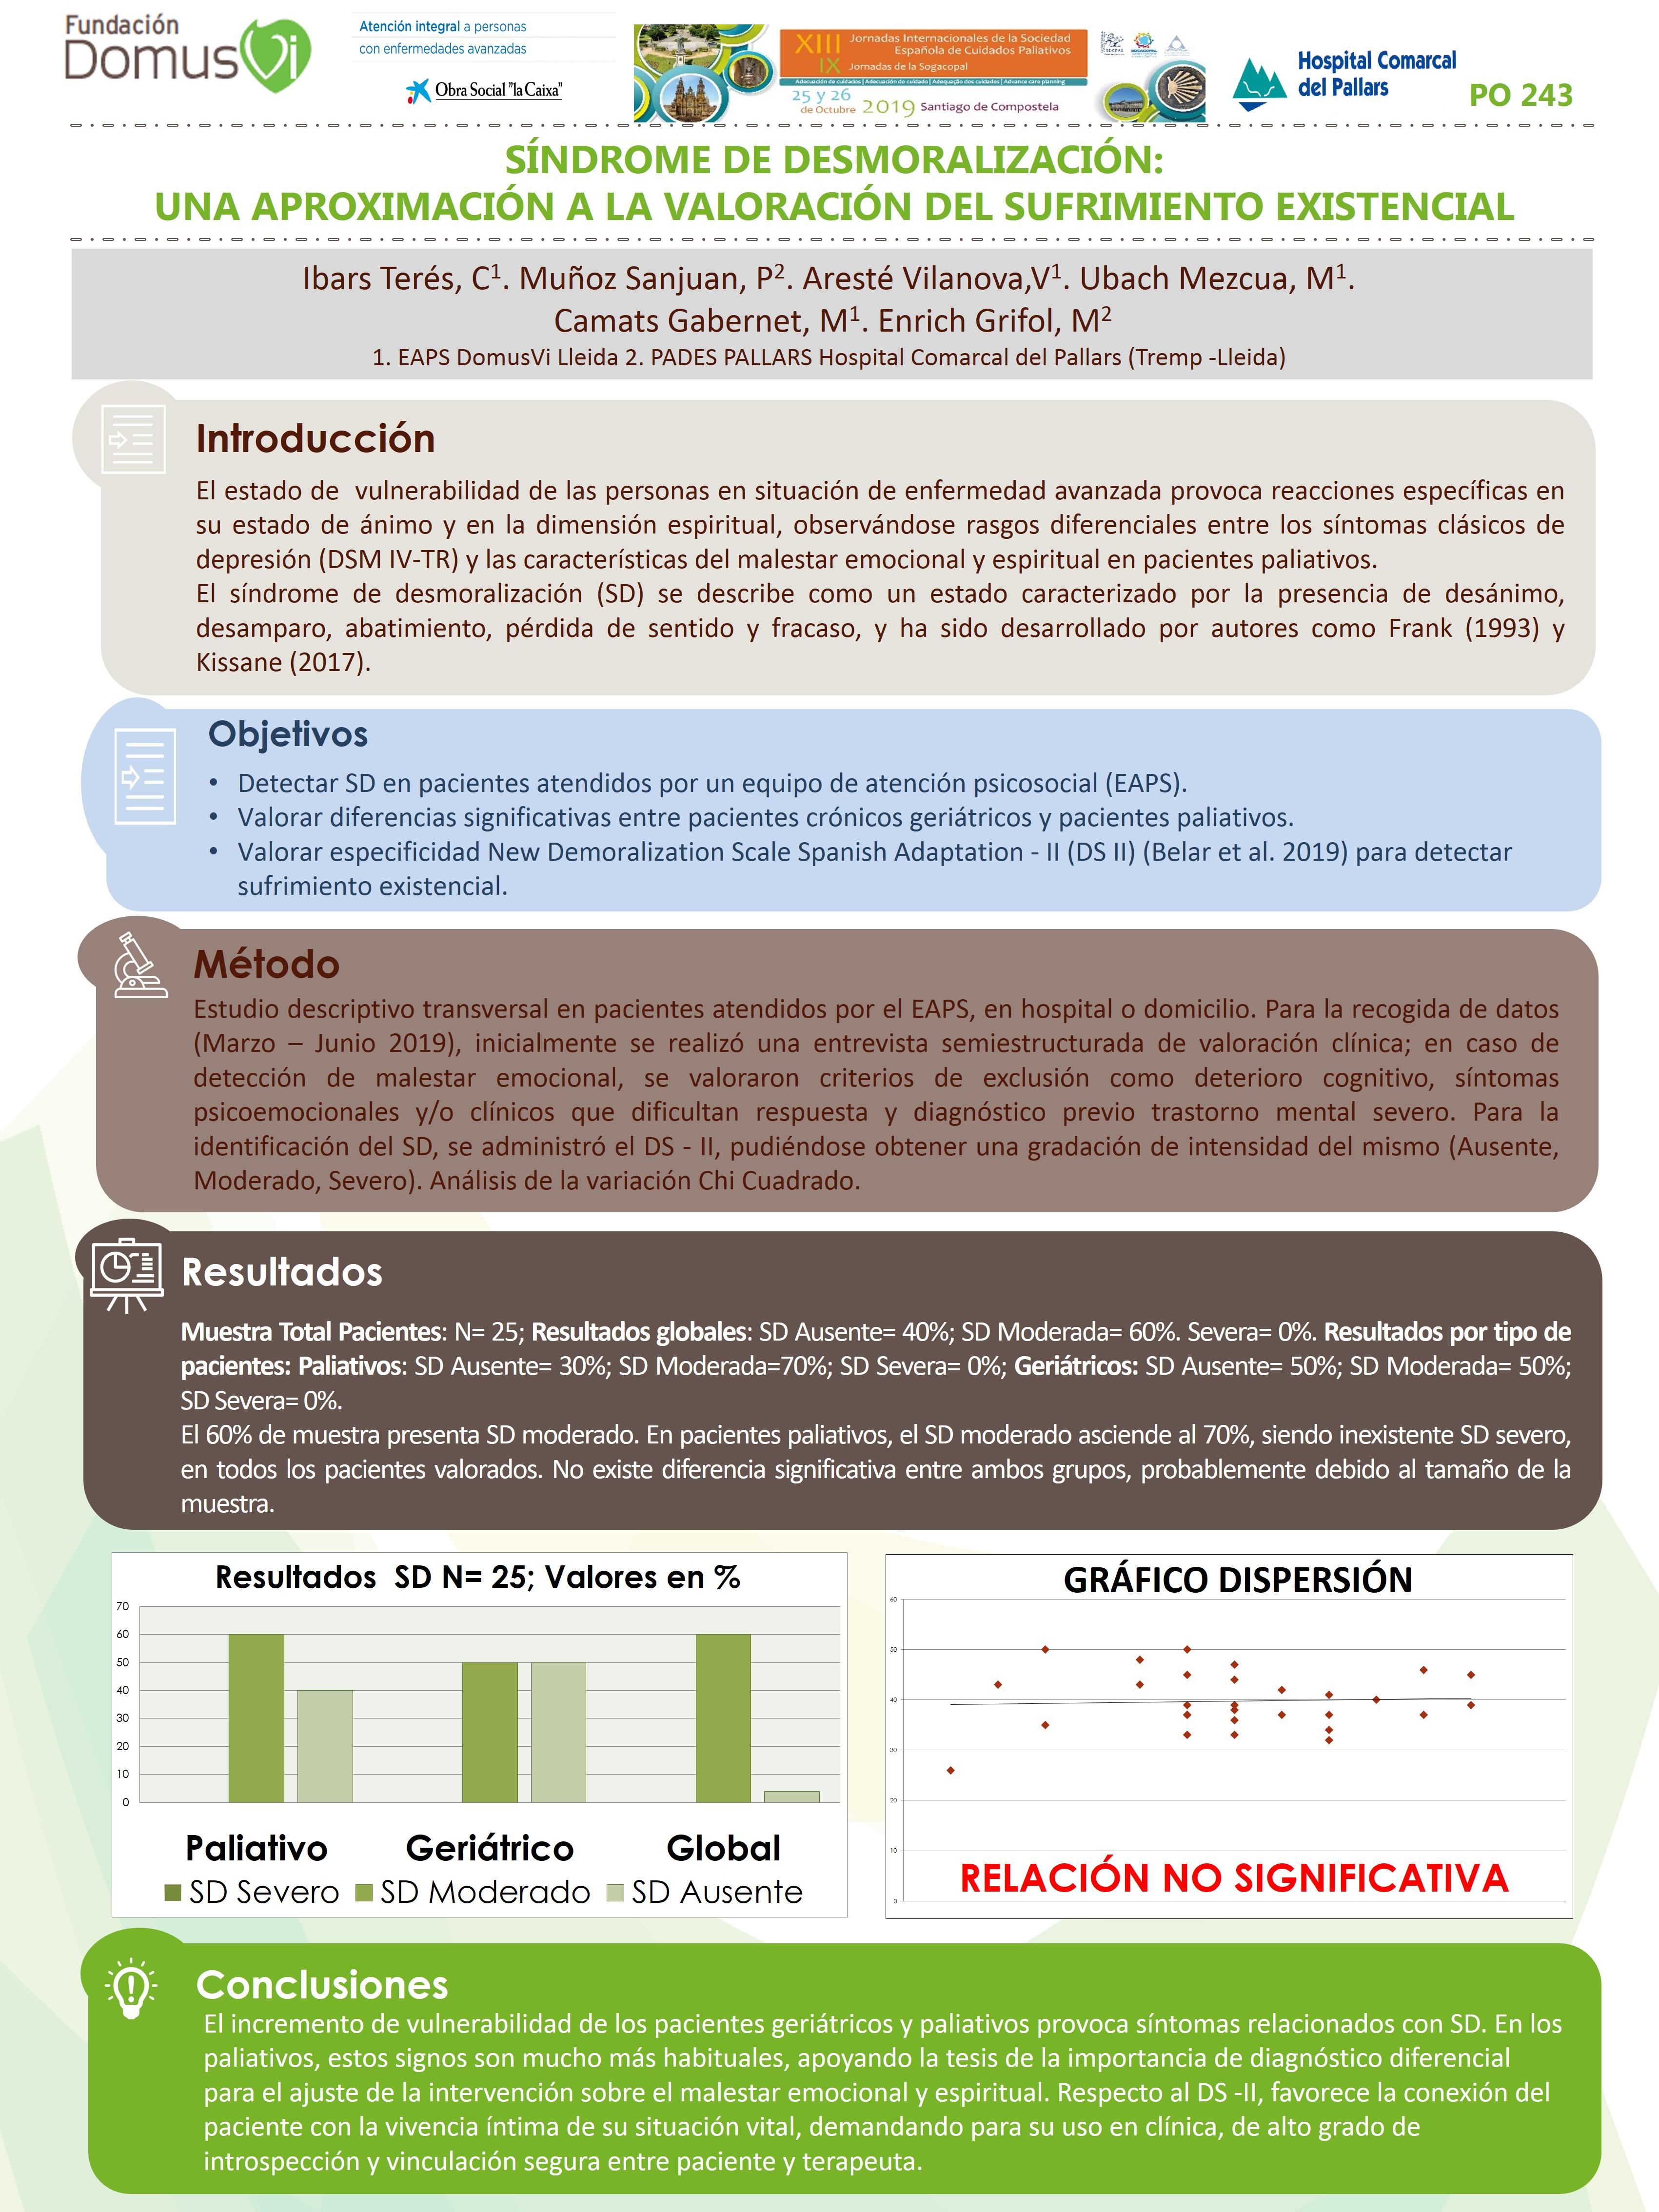 Poster EAPS Síndrome Desmoralización